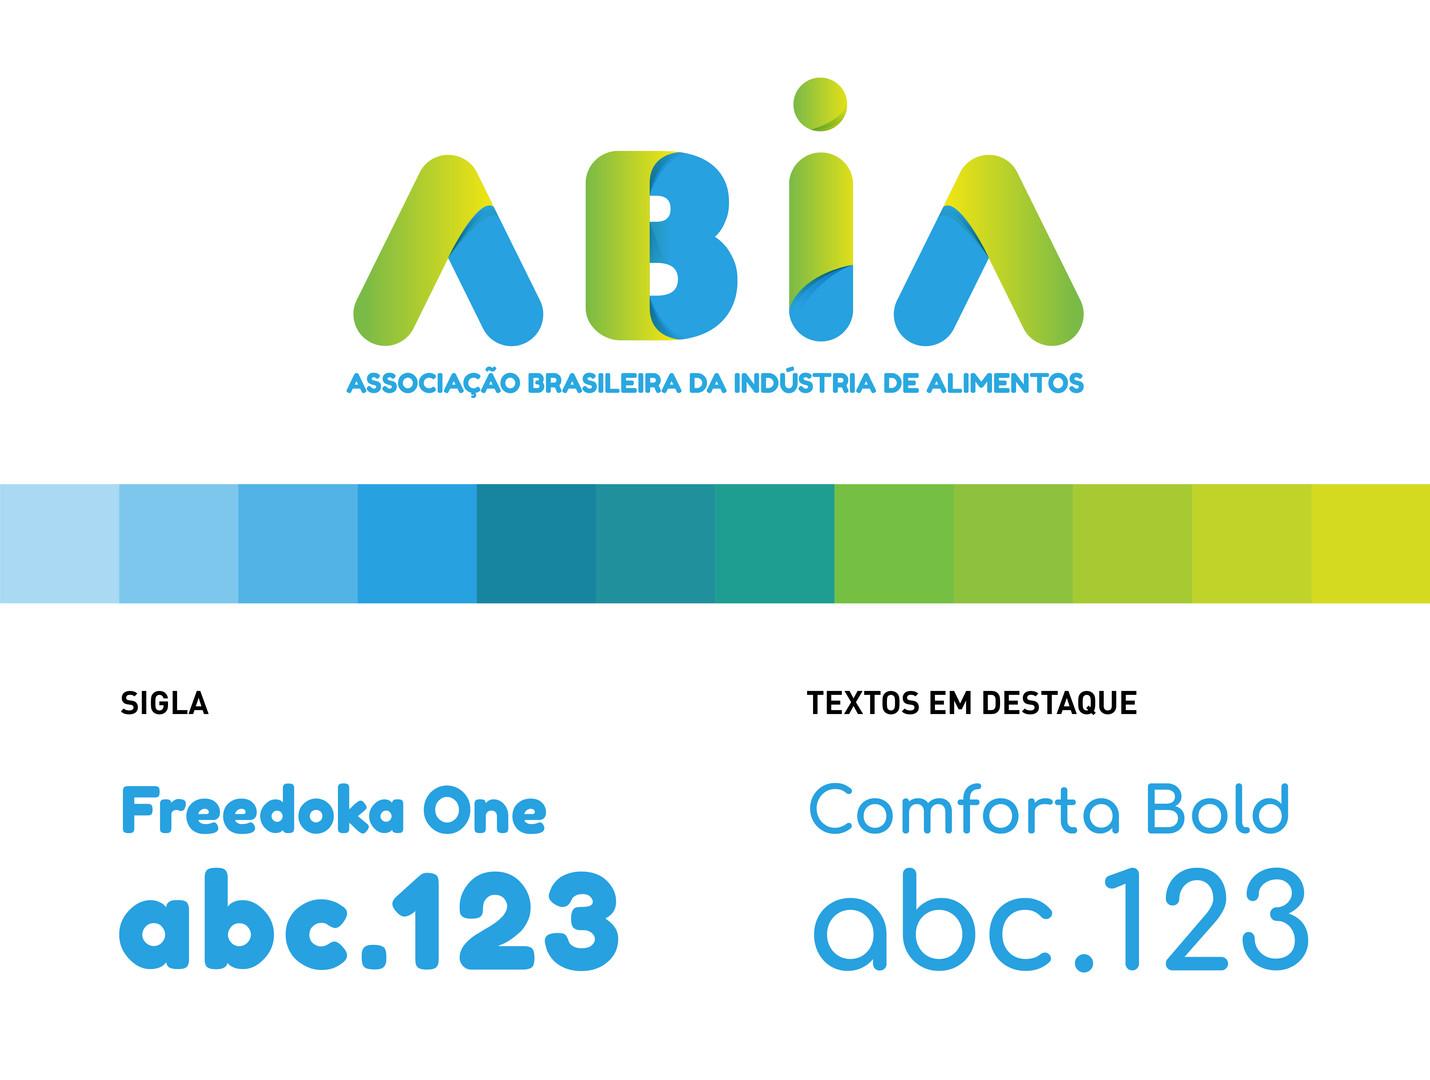 Rebrading ABIA